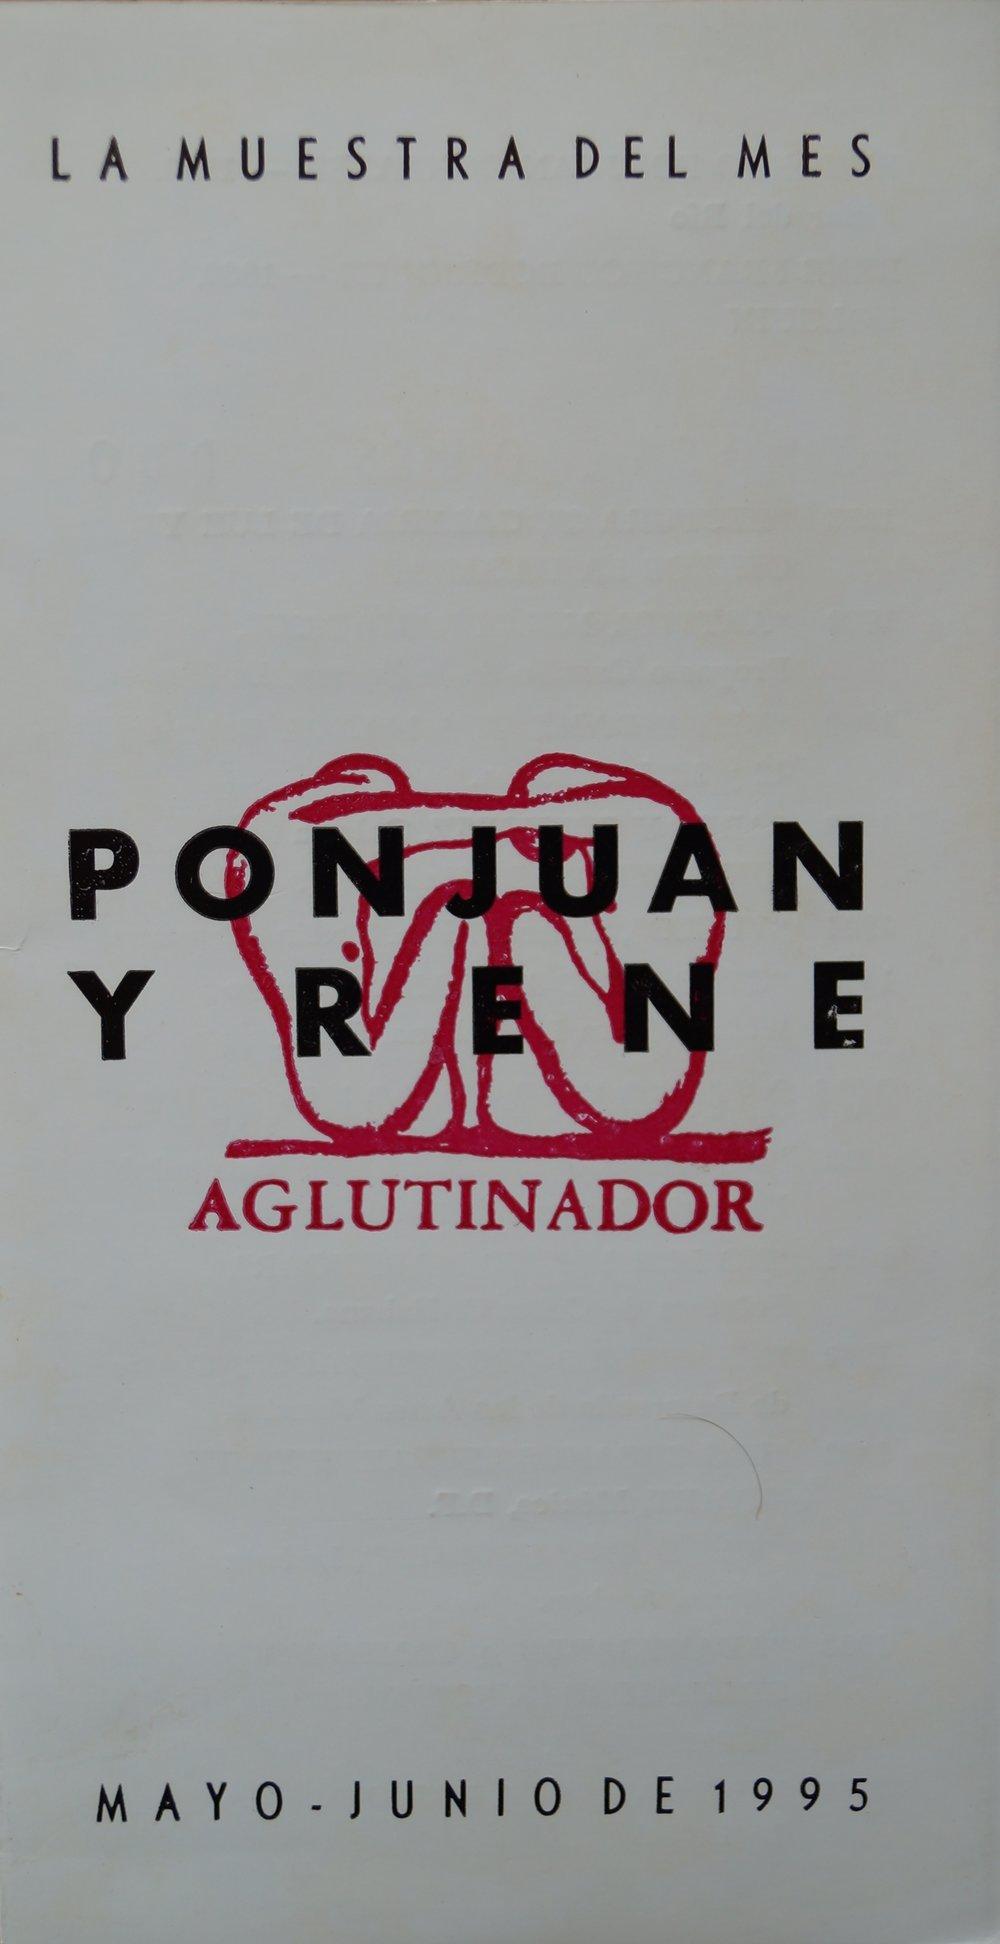 Rene y Pon Juan.JPG